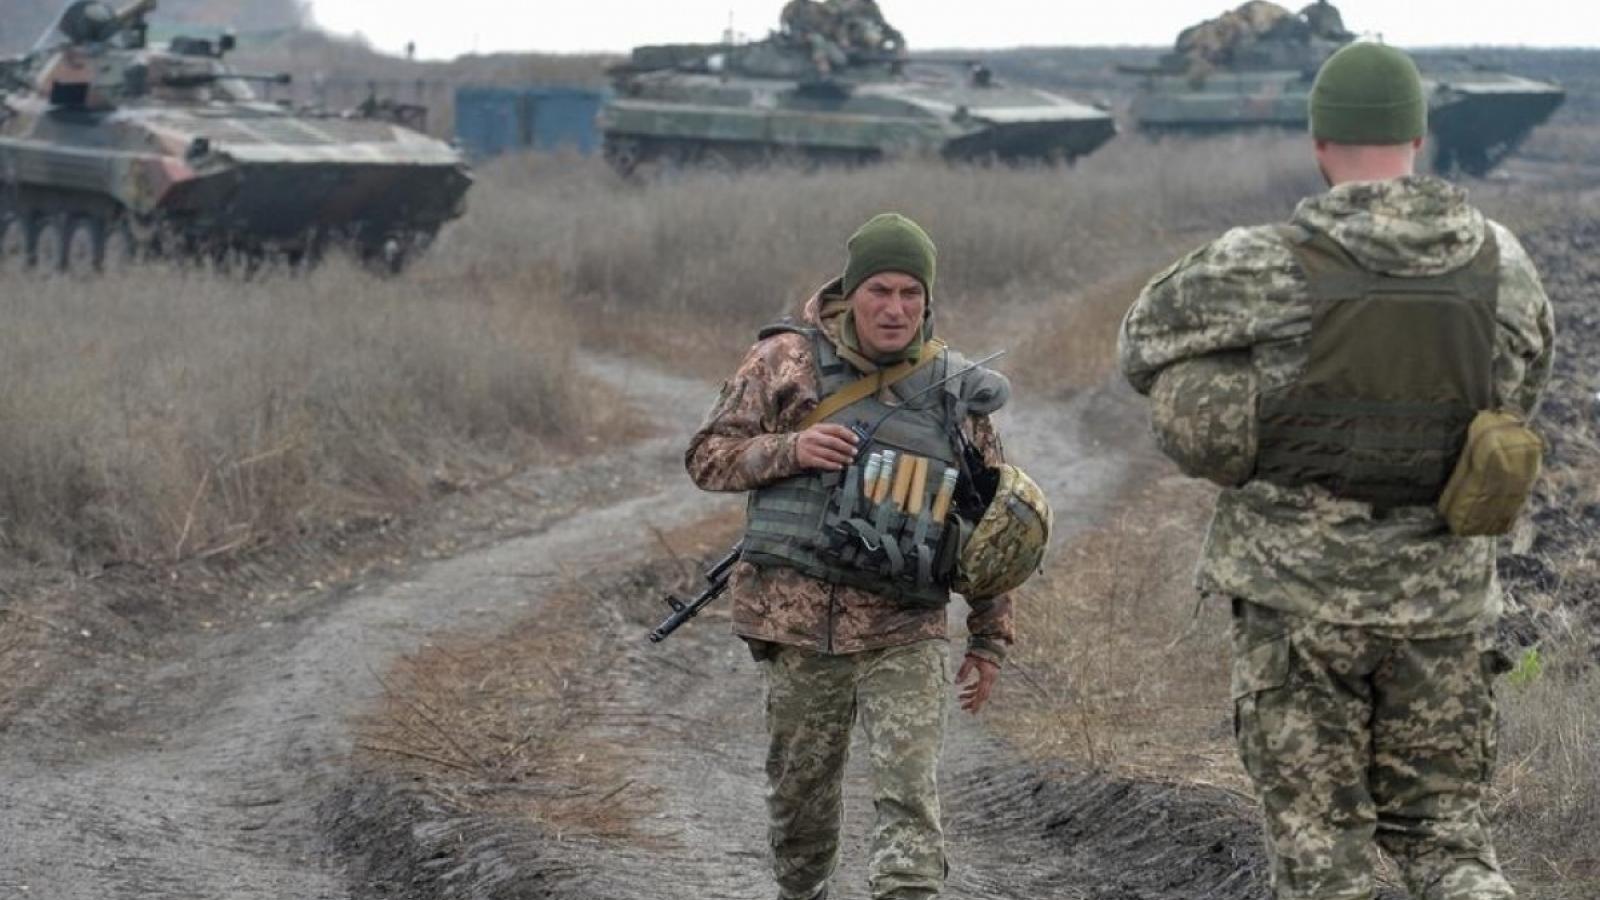 Nga cảnh báo về sự nguy hiểm khi khơi lại cuộc chiến ở miền Đông Ukraine